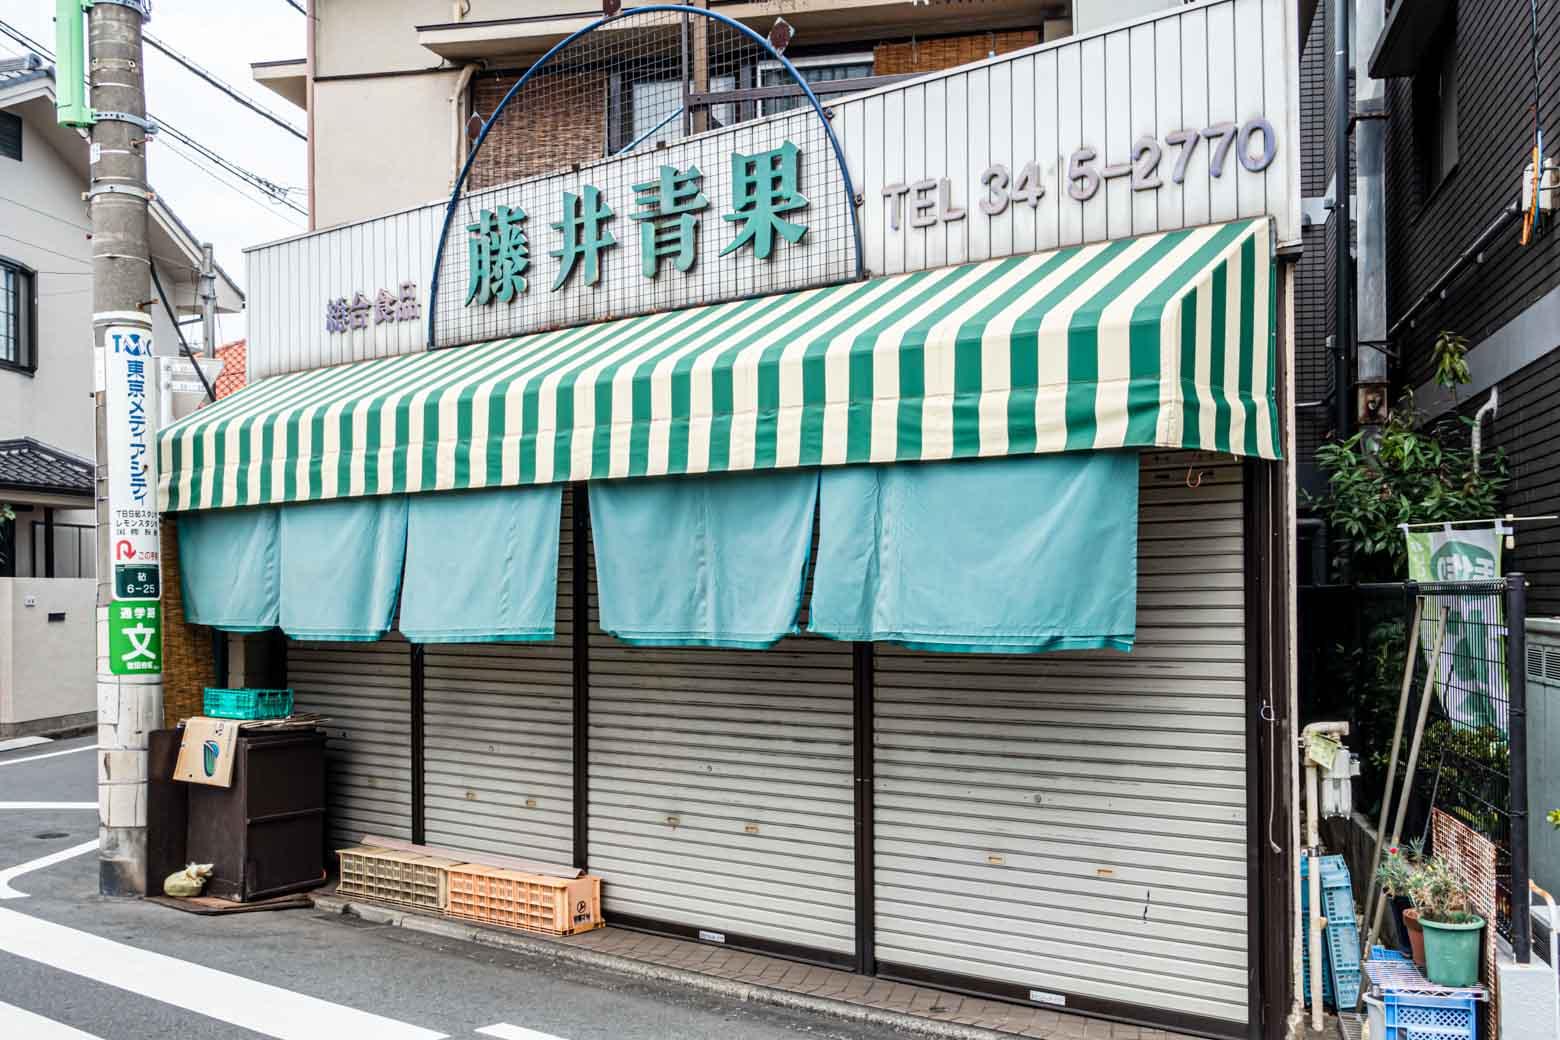 地域密着型の青果店。お盆の時期だったためか、こちらもお休みでした。